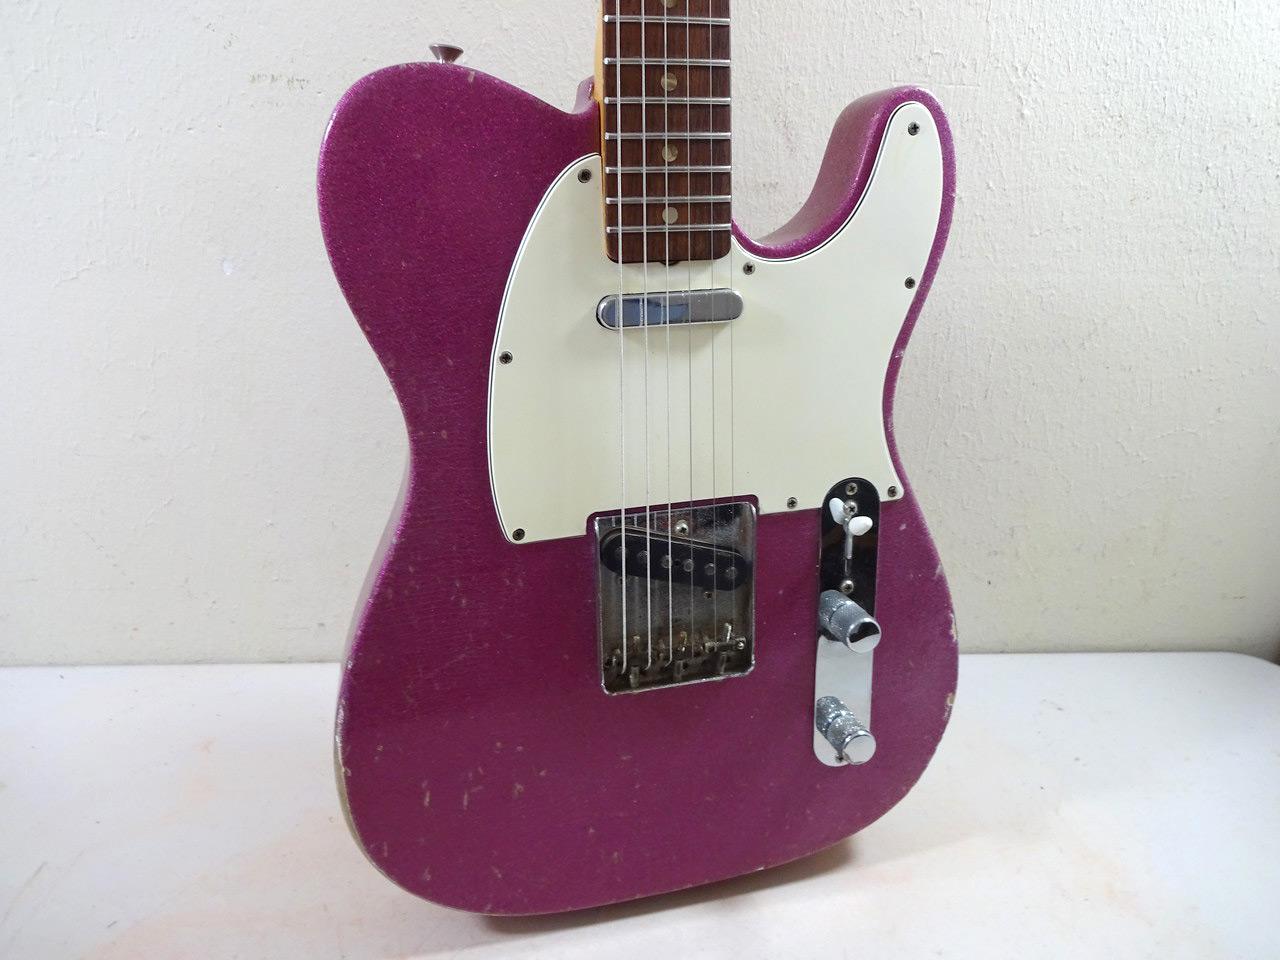 1966-purple-sparkle-telecaster-3